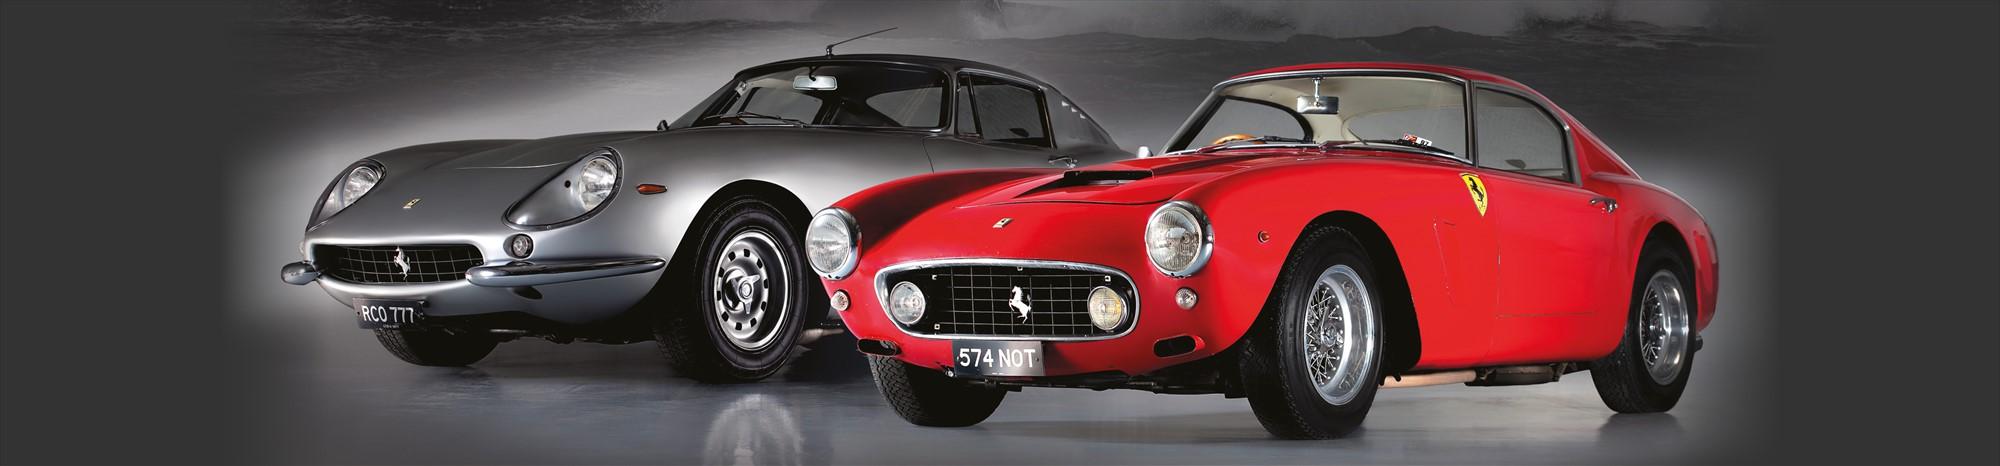 Classic Silver Ferrari and Classic Red Ferrari